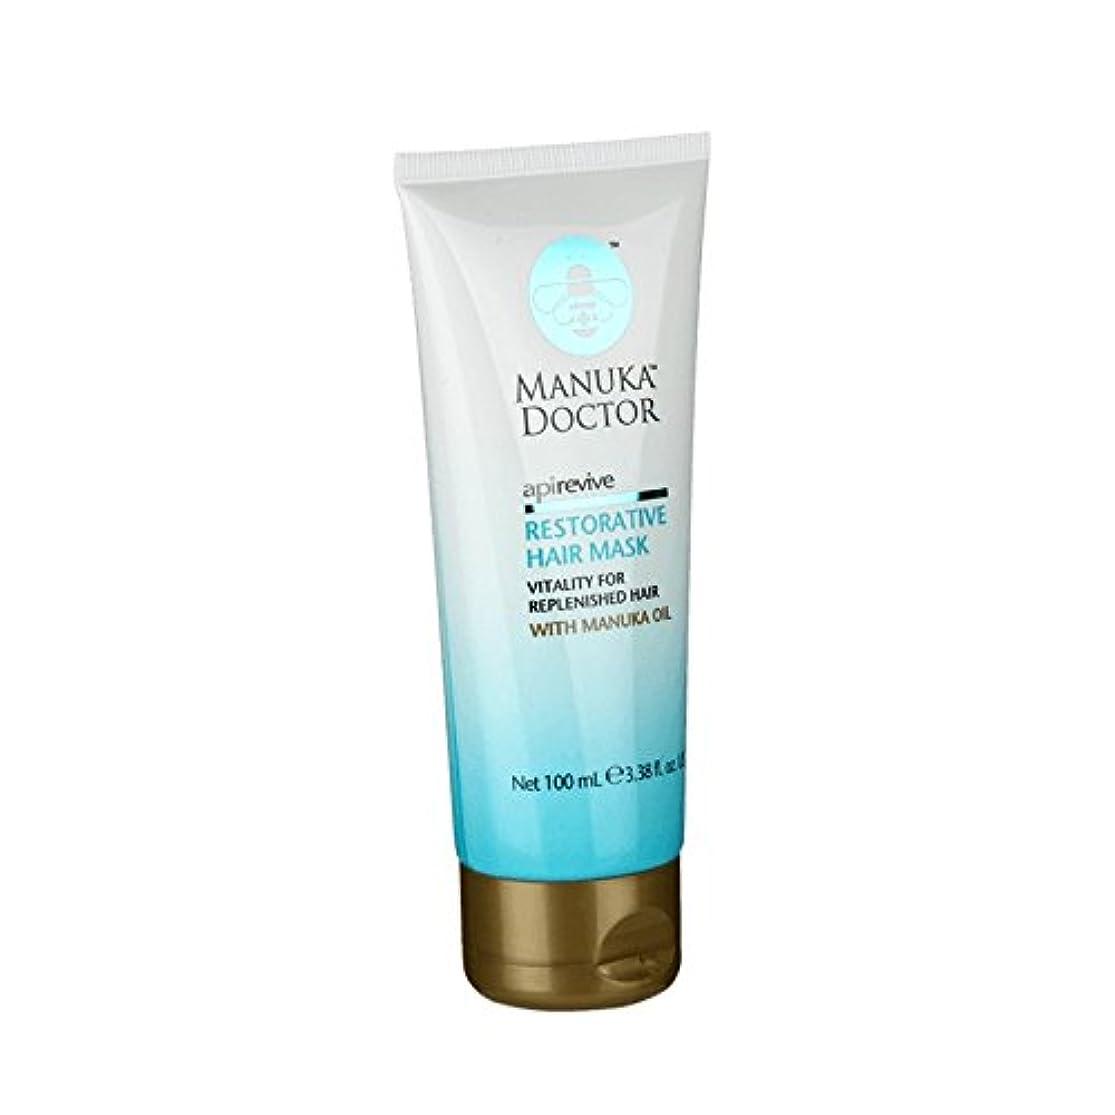 ログアドバイスエンディングマヌカドクター修復ヘアマスク100ミリリットル - Manuka Doctor Restorative Hair Mask 100ml (Manuka) [並行輸入品]